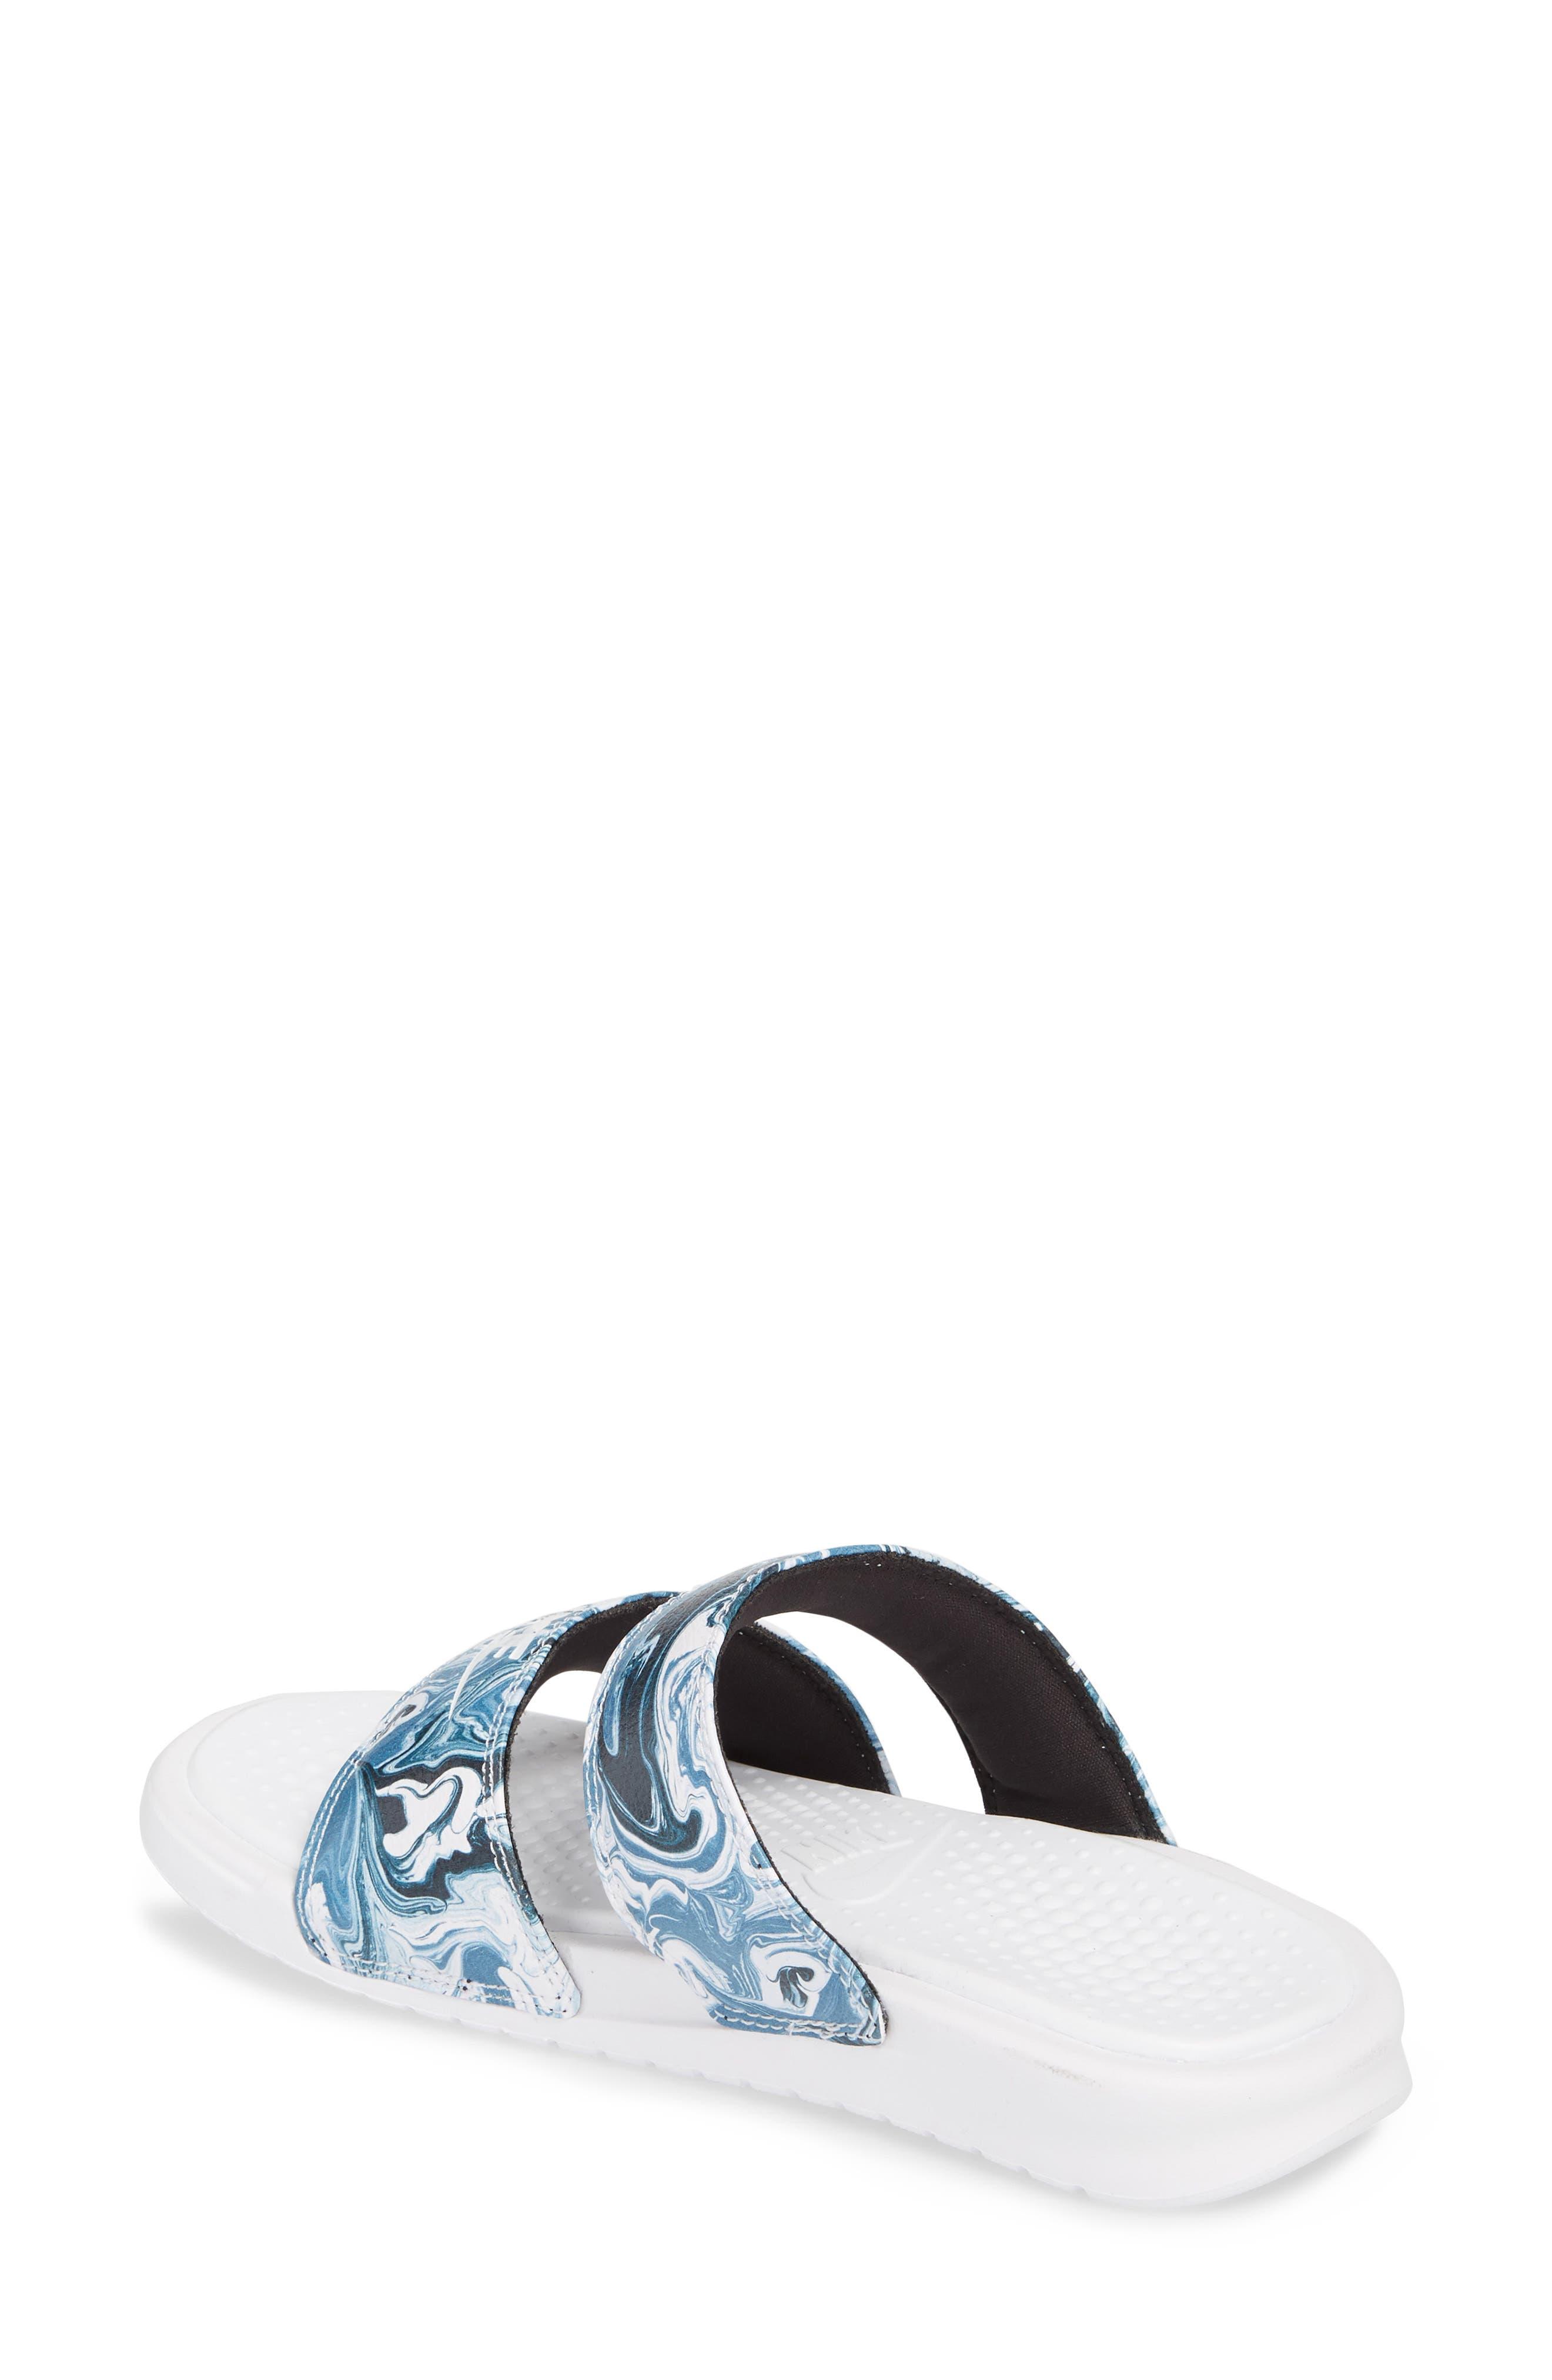 Benassi Duo Ultra Slide Sandal,                             Alternate thumbnail 2, color,                             Black/ White